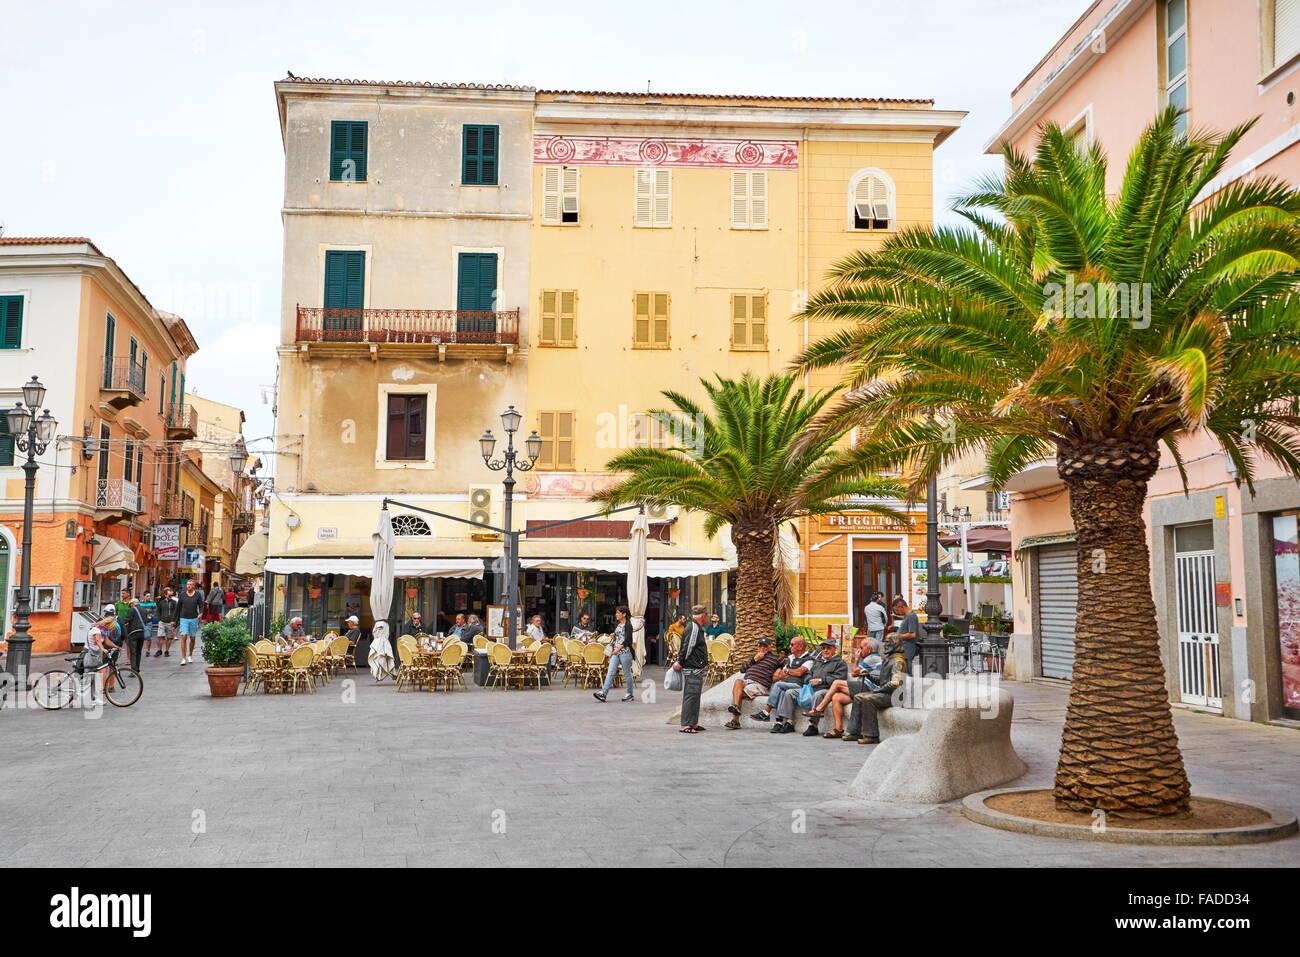 La Maddalena Island, Sardinia, Italy - Stock Image